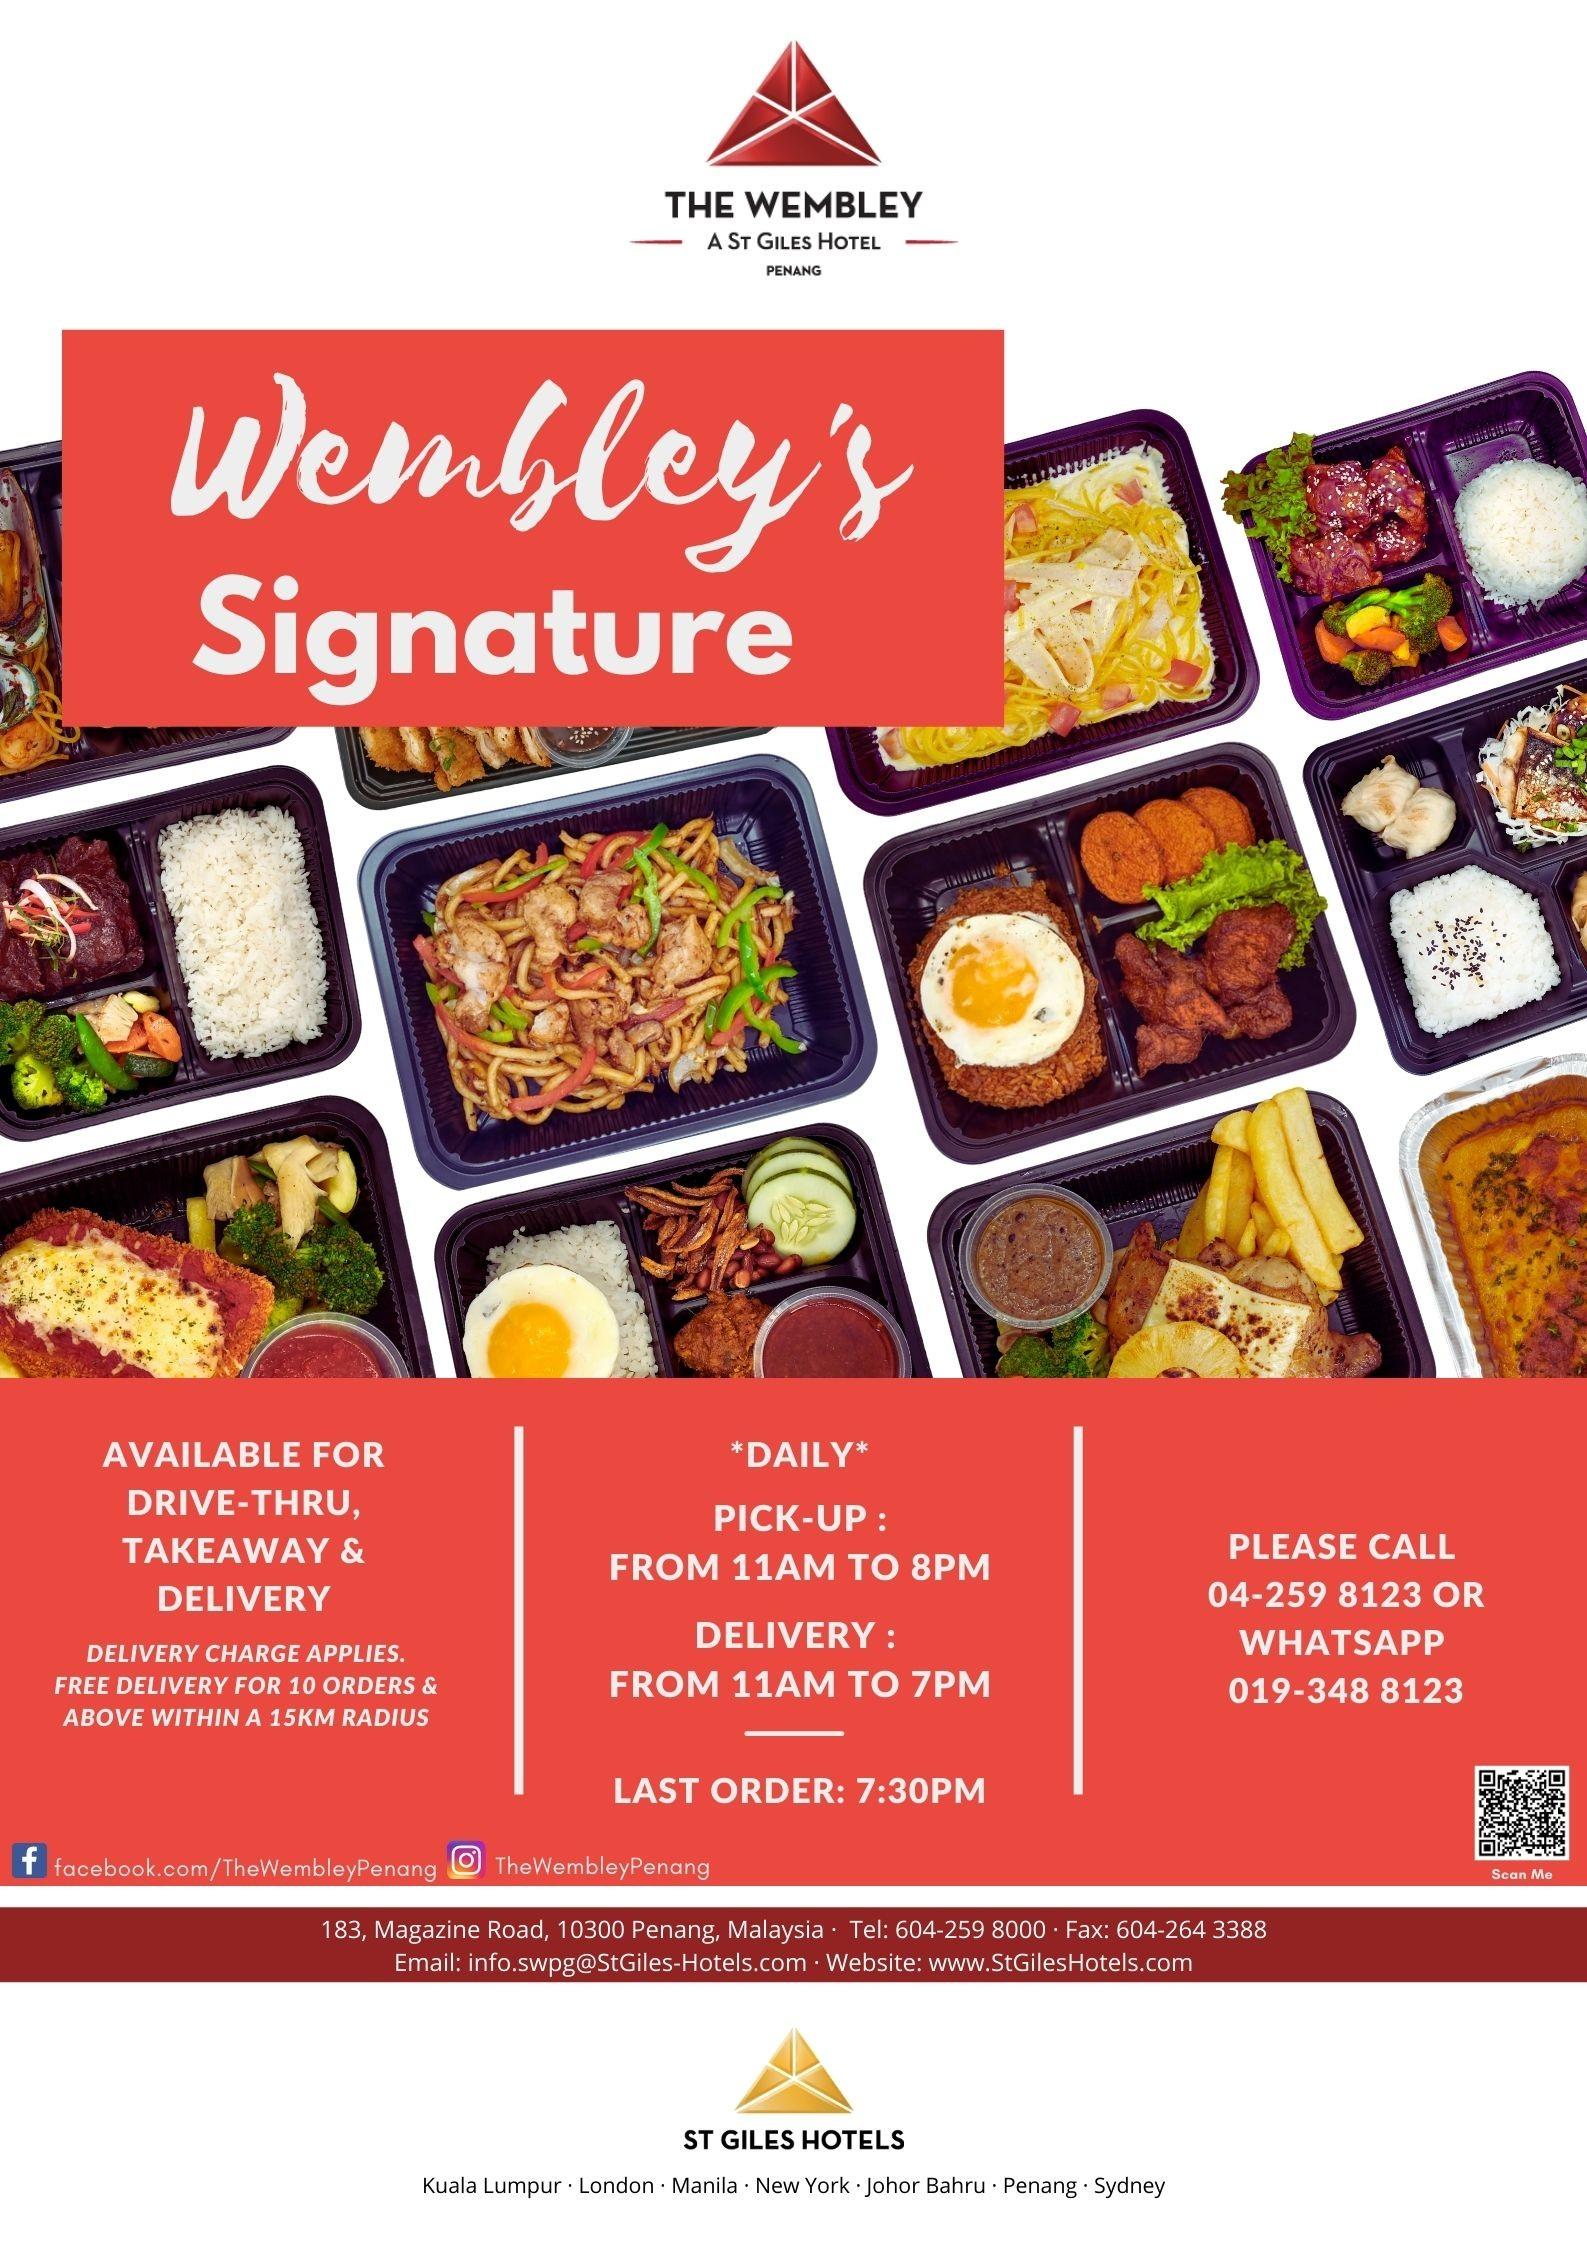 Wembley's Signature